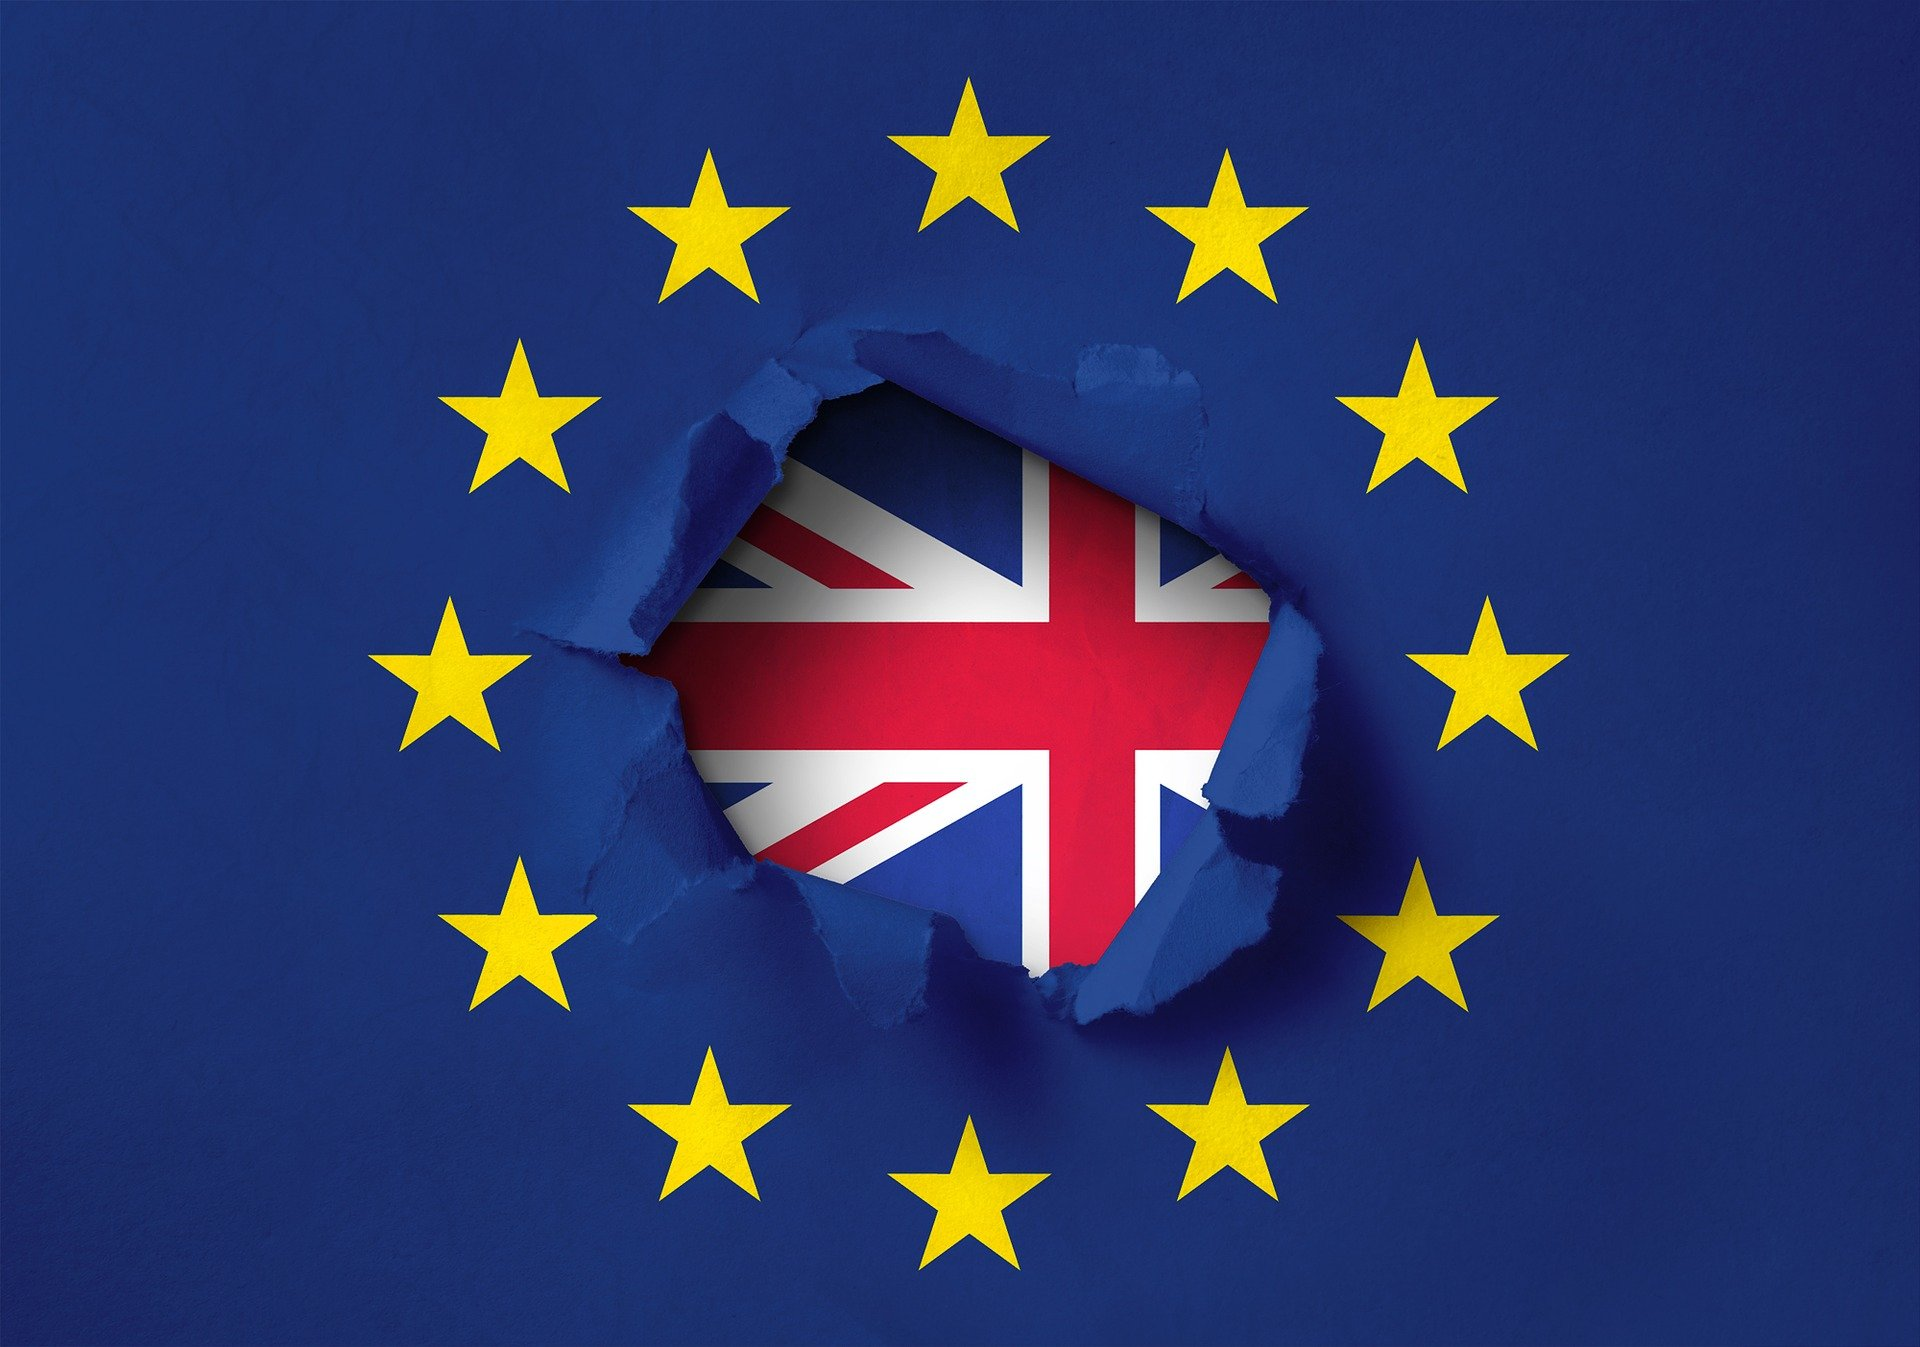 """Großbritannien: """"Wir werden nicht nachgeben, um EU zu entsprechen"""""""